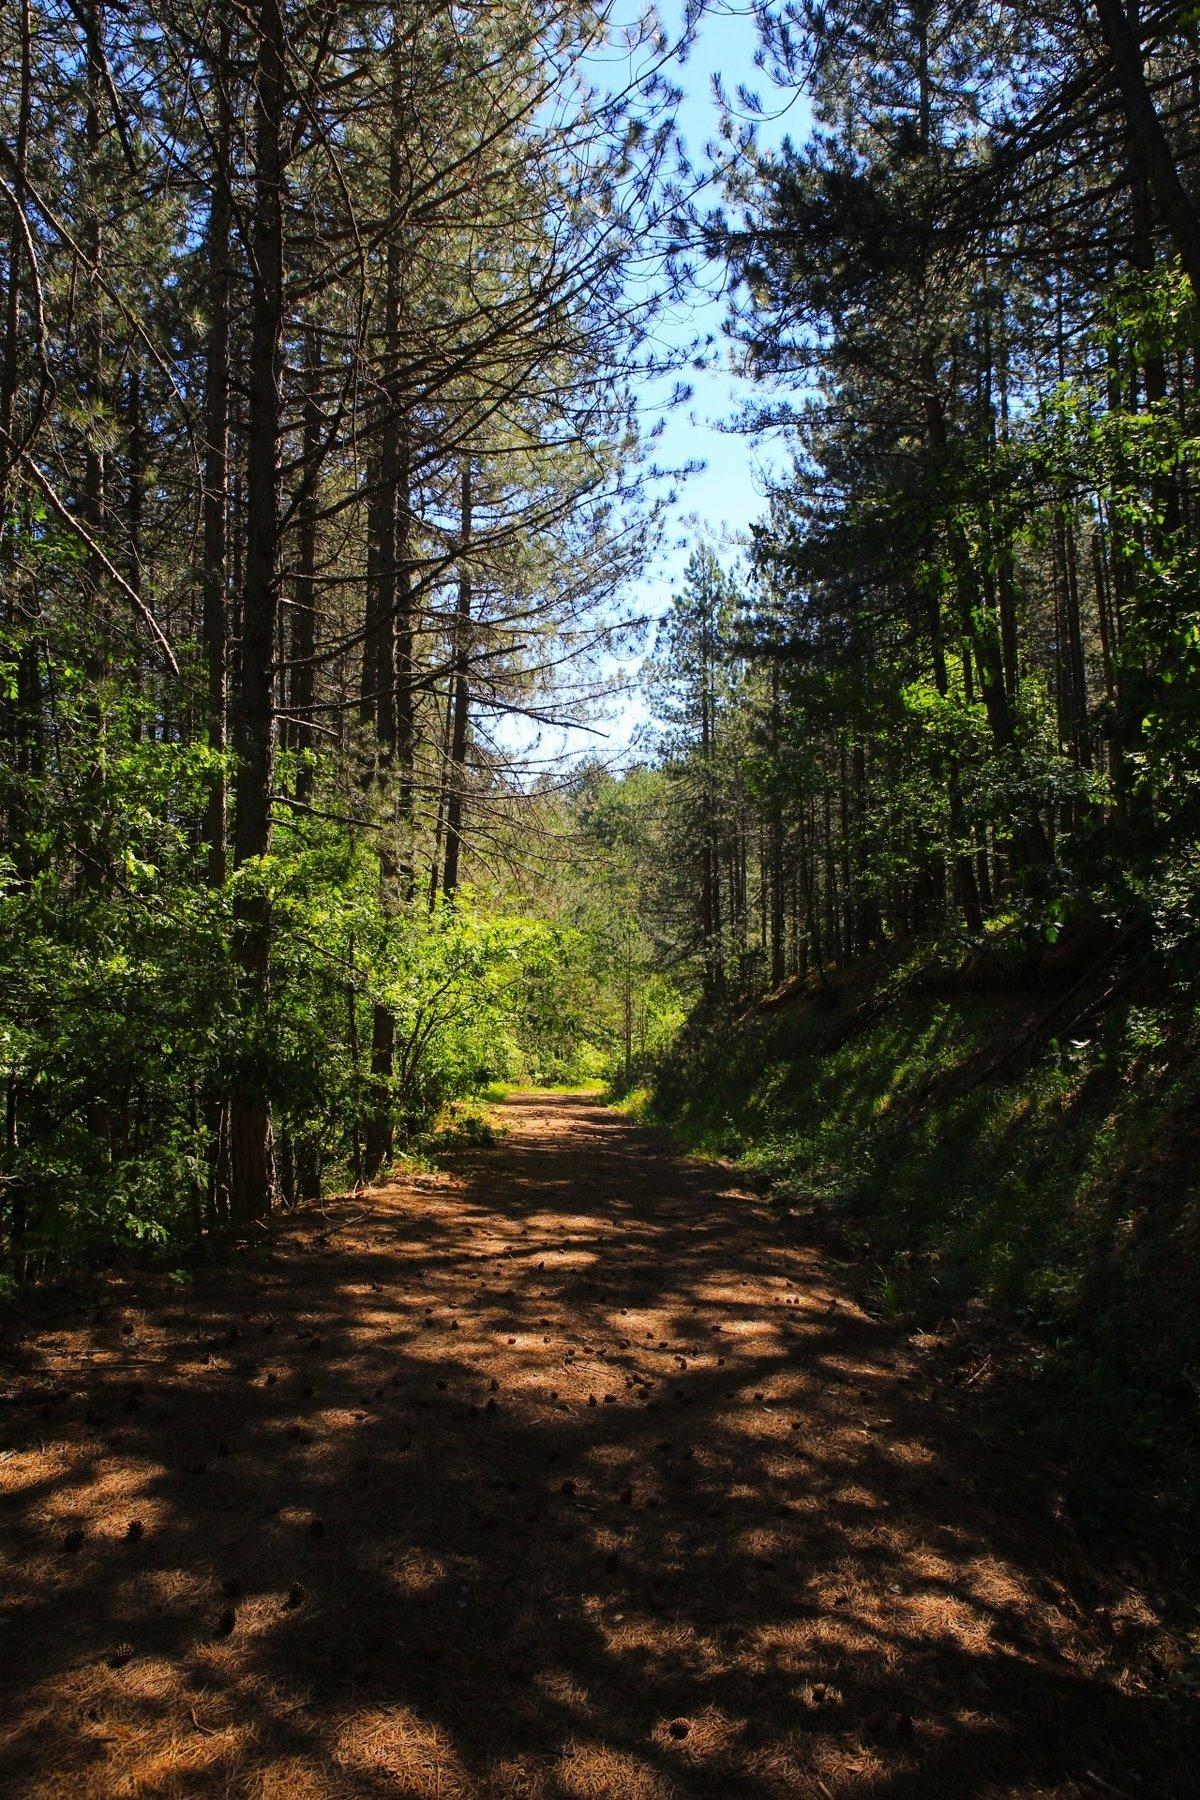 Η Κρανιά στα Γρεβενά υπέροχο τοπίο στο δάσος και ξενώνας